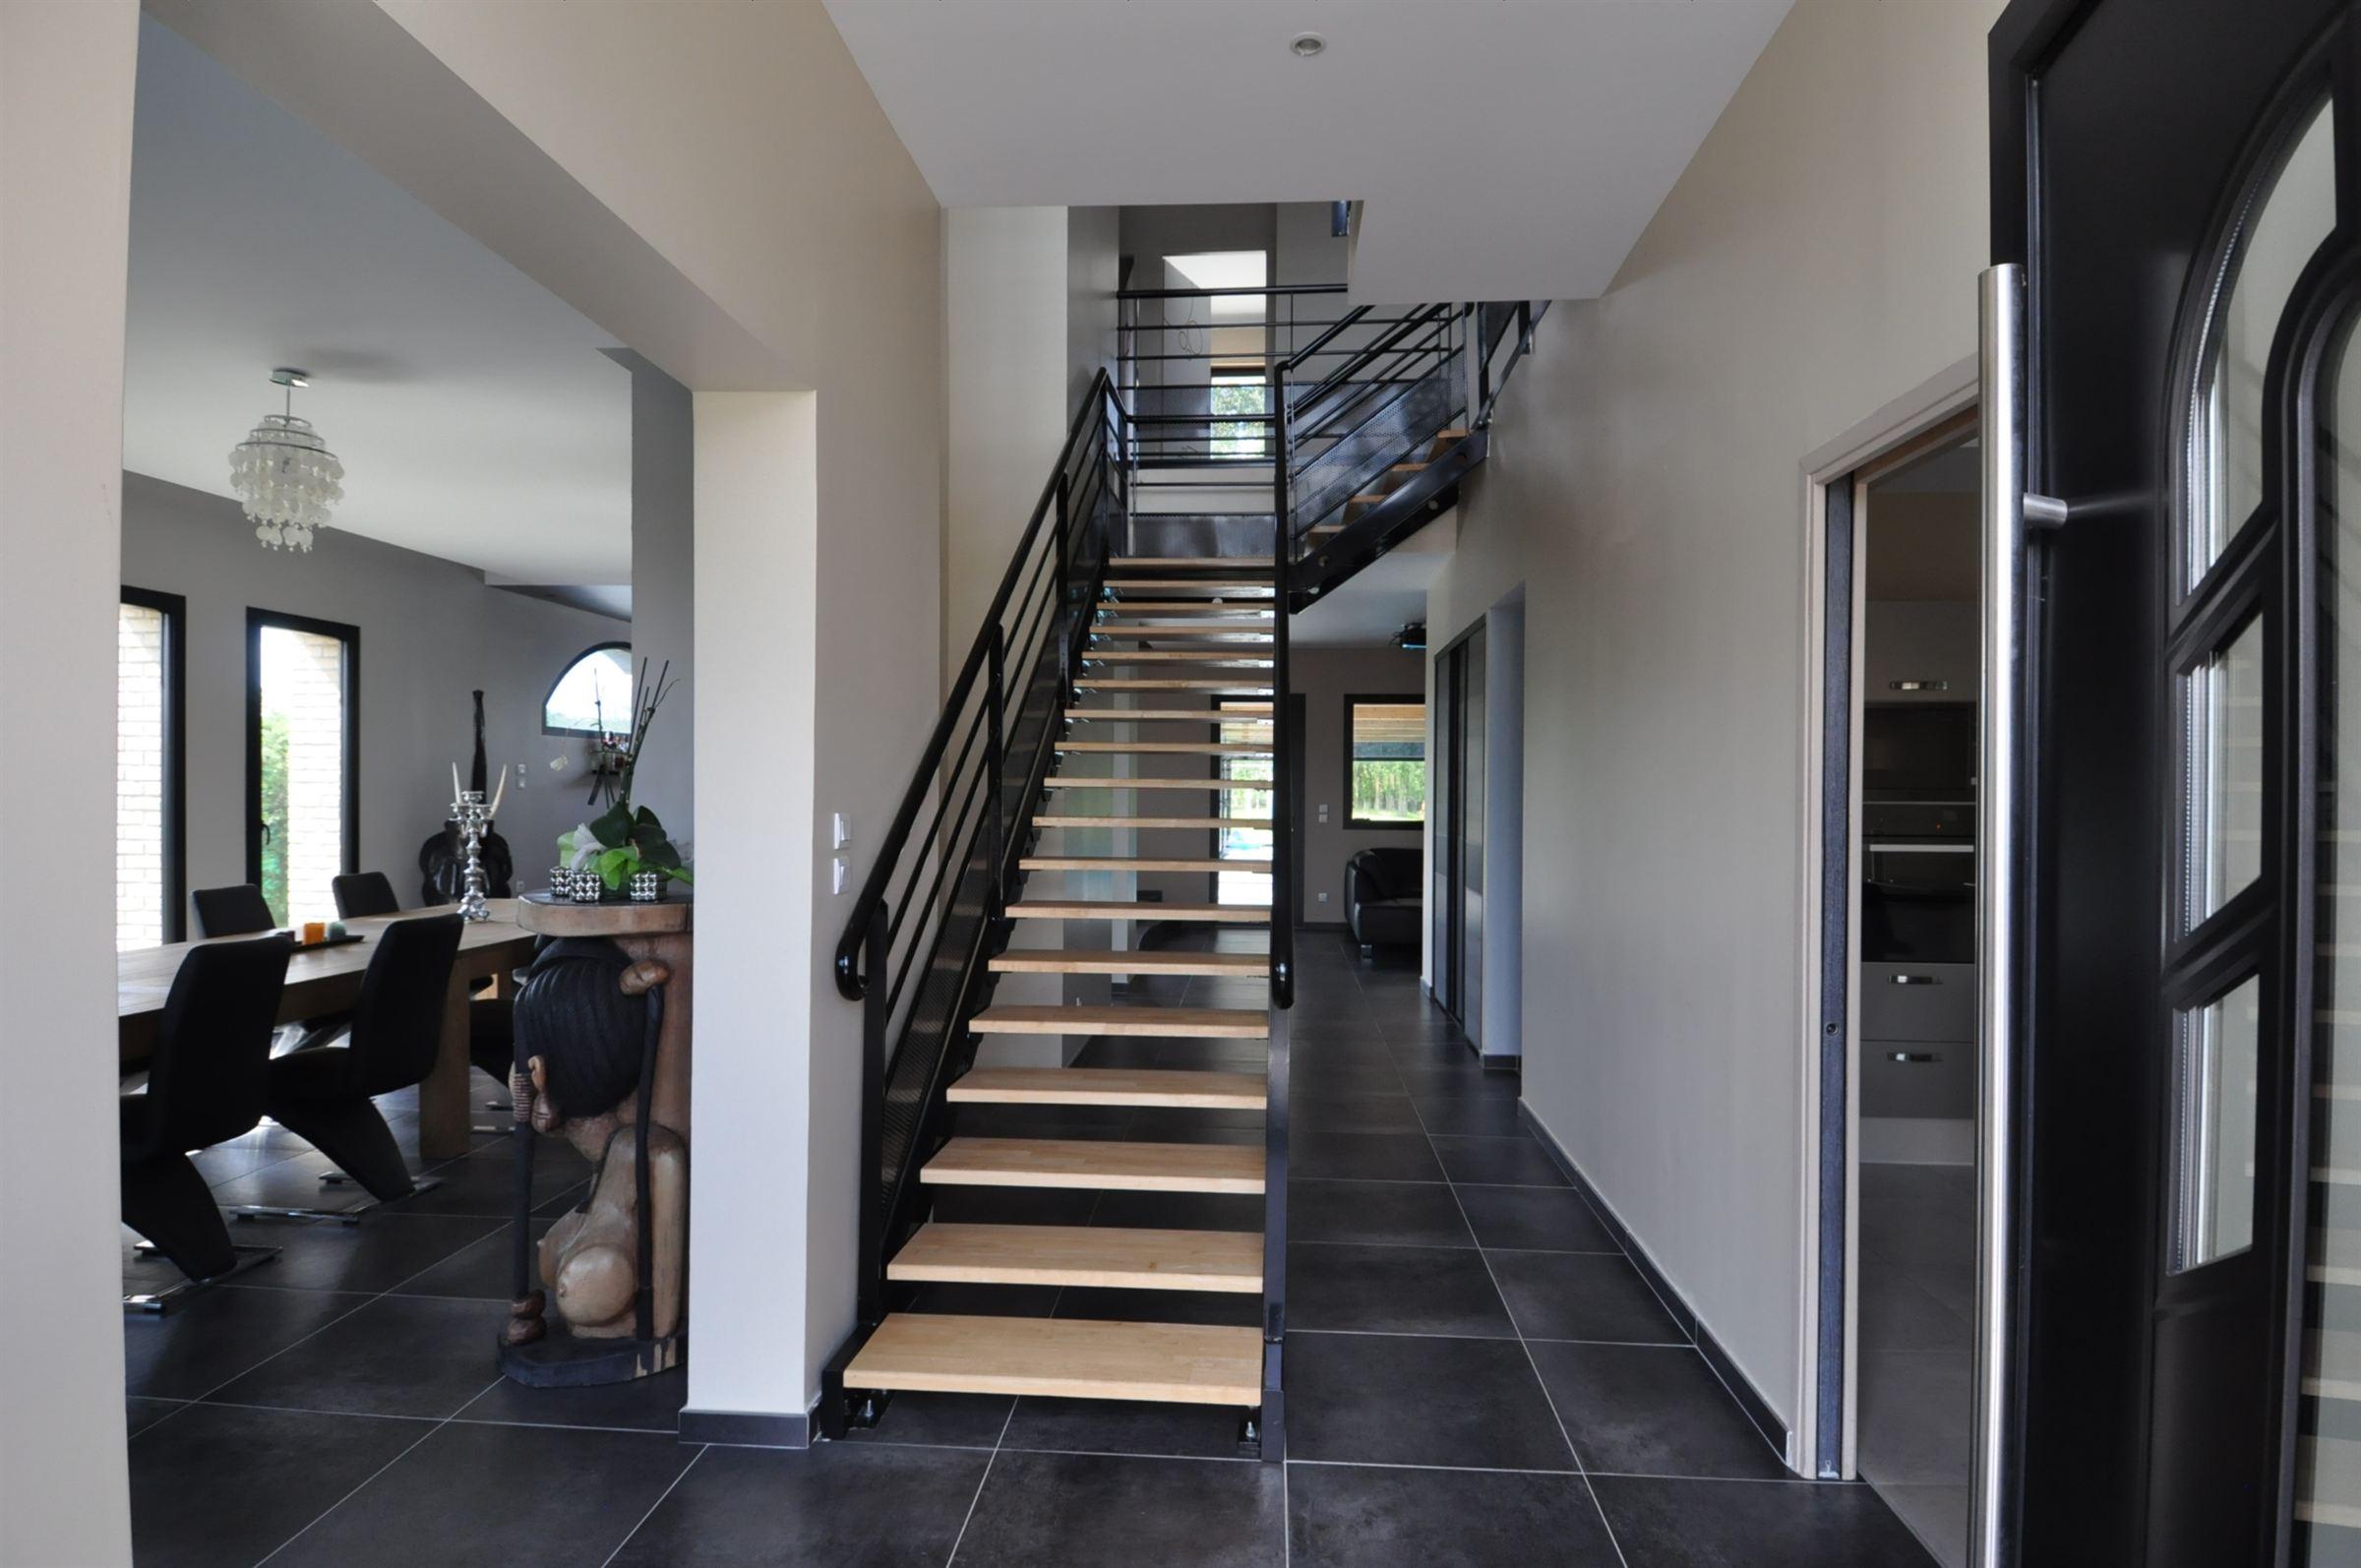 Property For Sale at SAINT AMAND LES EAUX, contemporary family villa 270 m2 hab 5 beds.